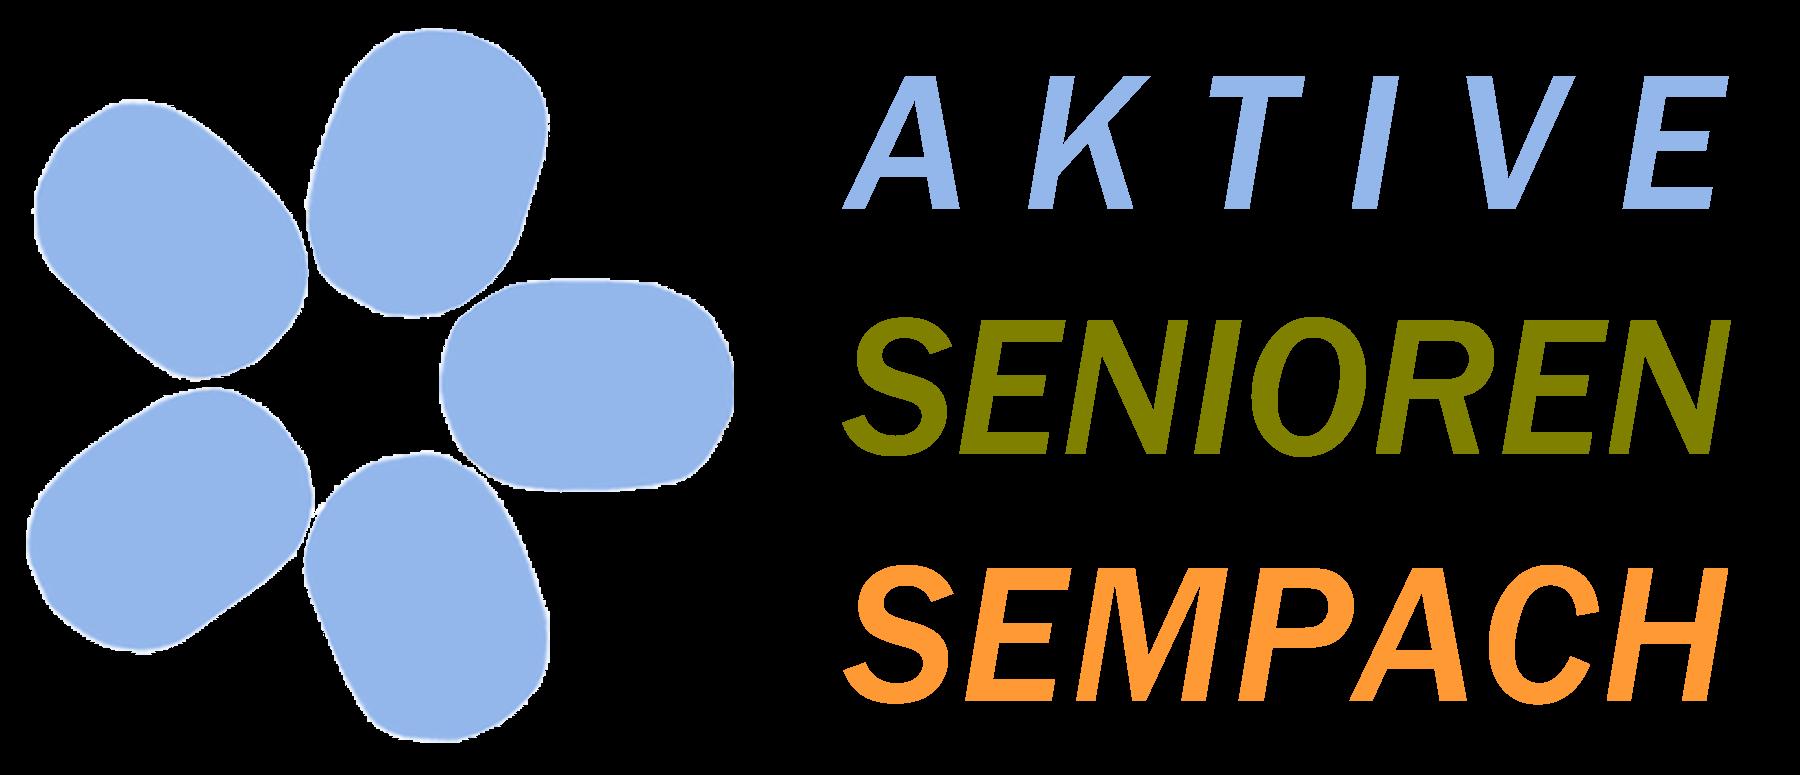 Aktive Senioren Sempach